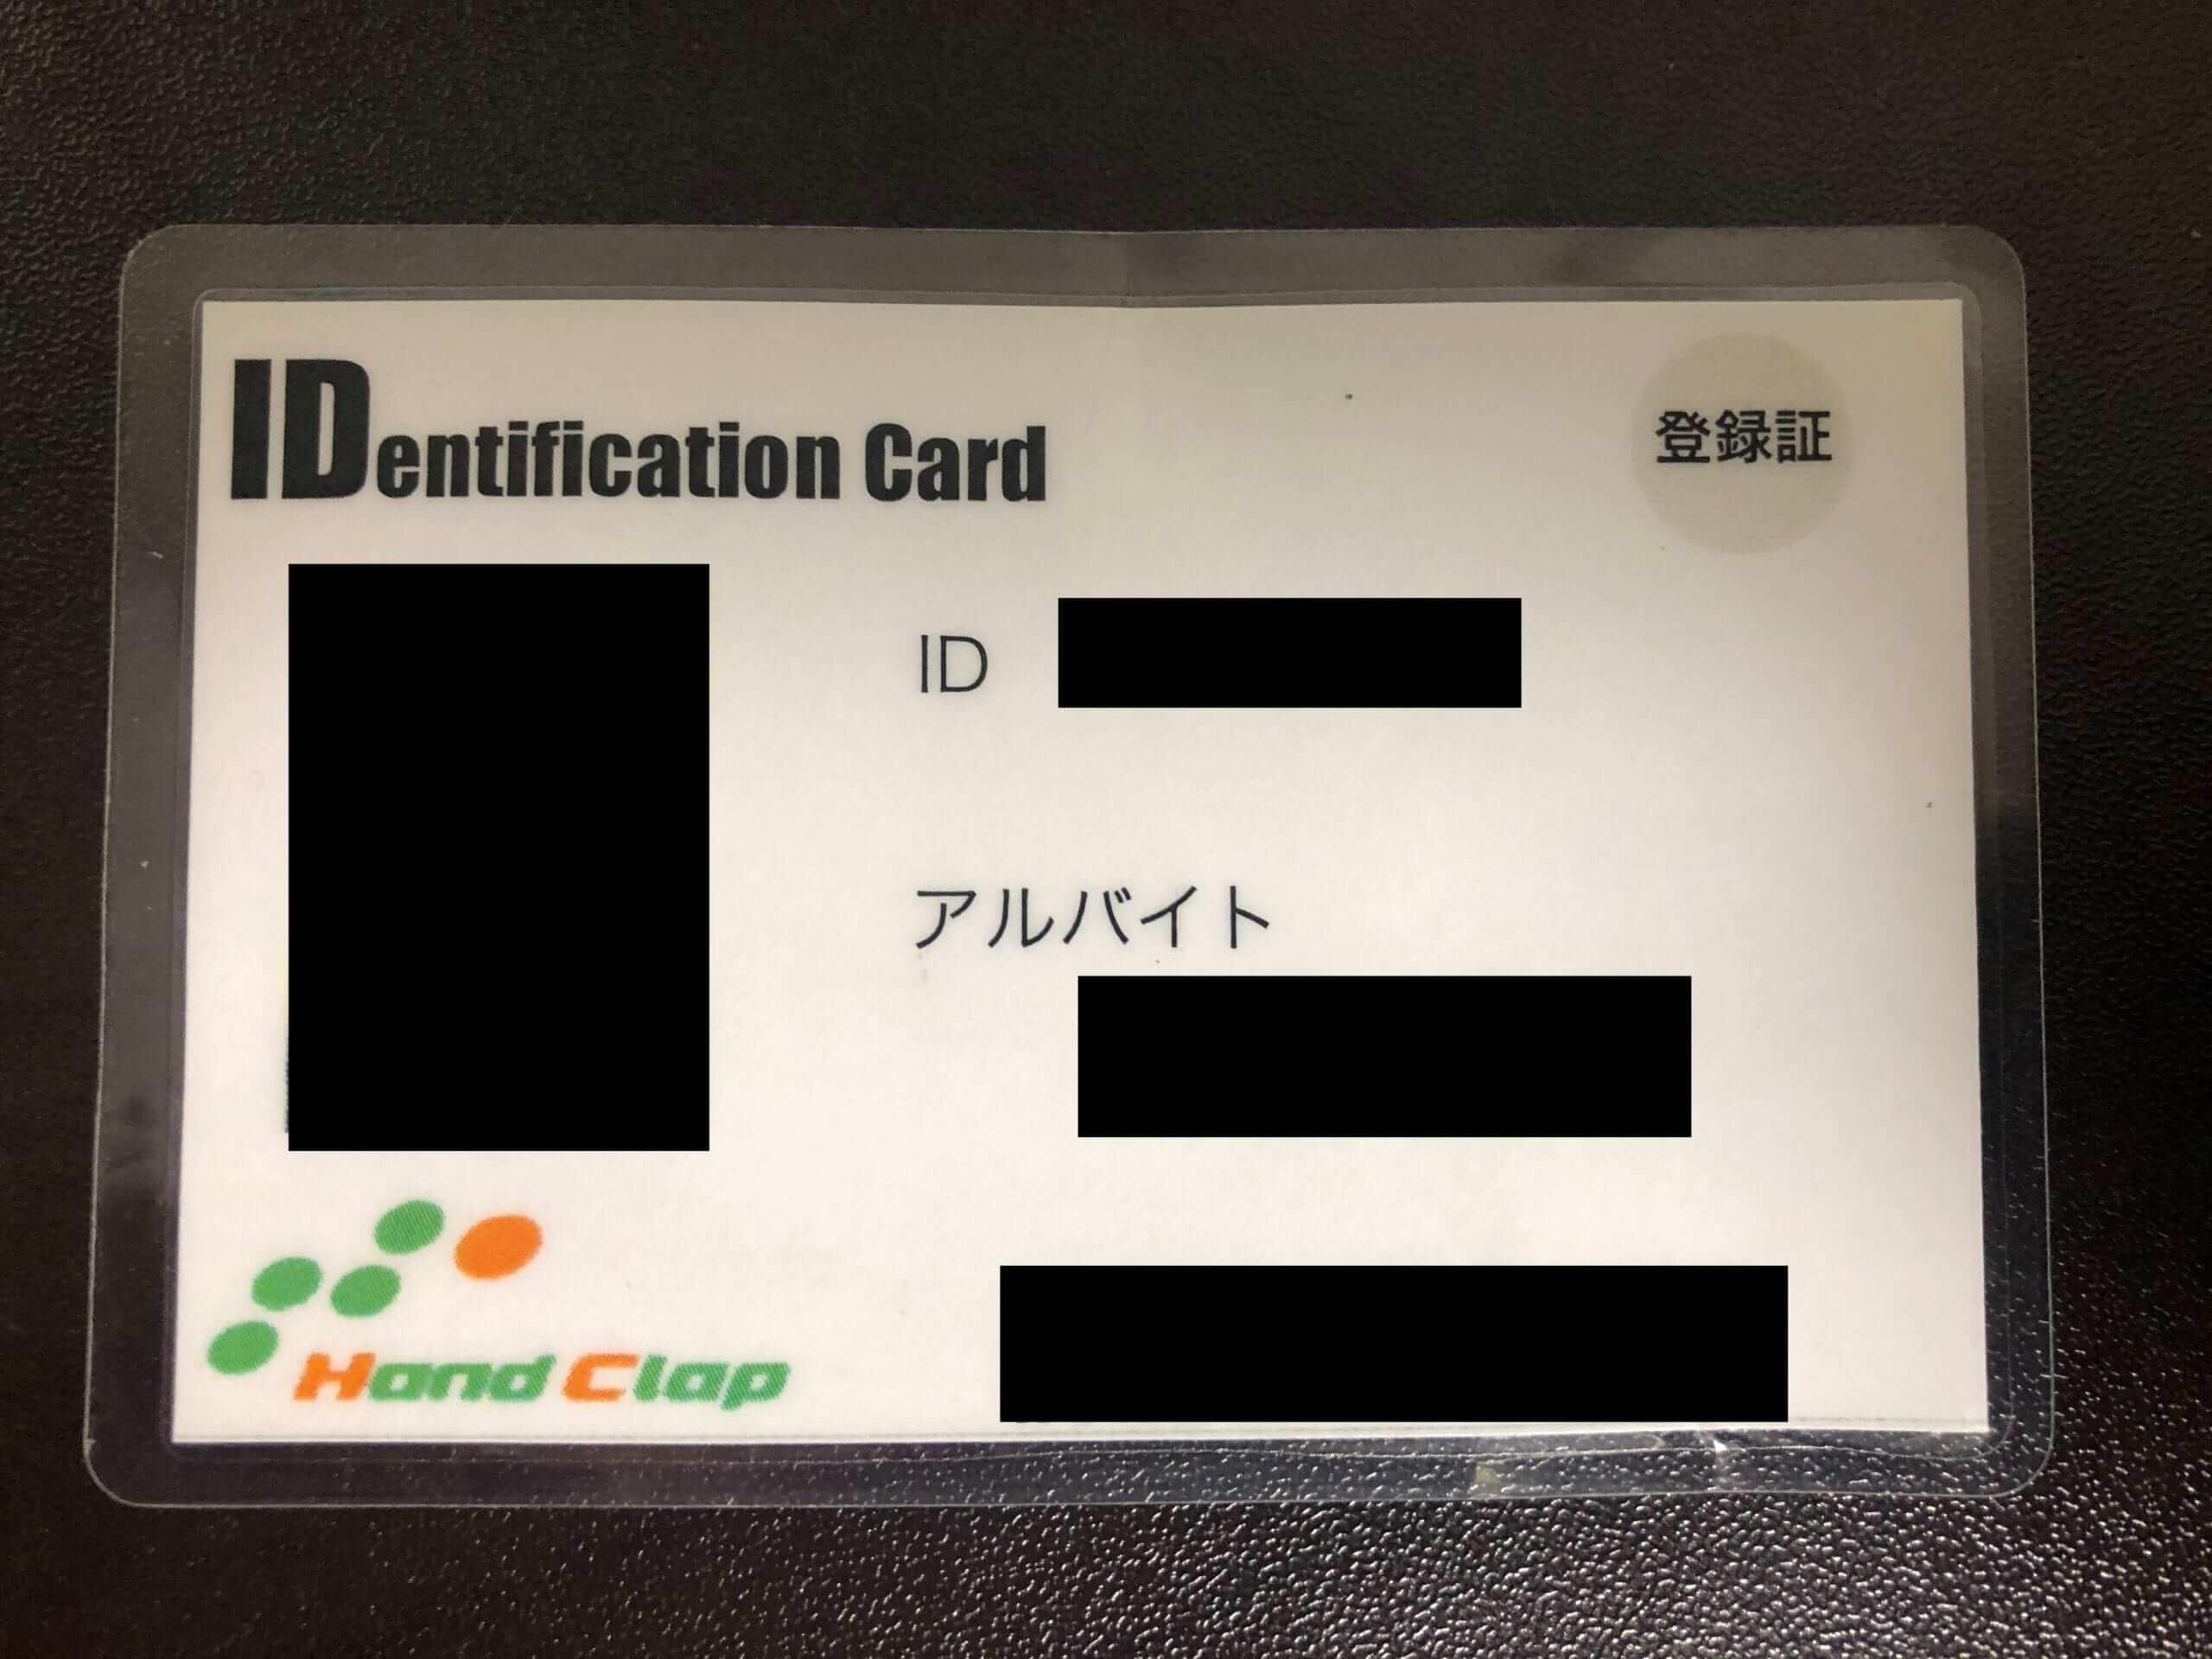 ハンドクラップ 札幌オフィス